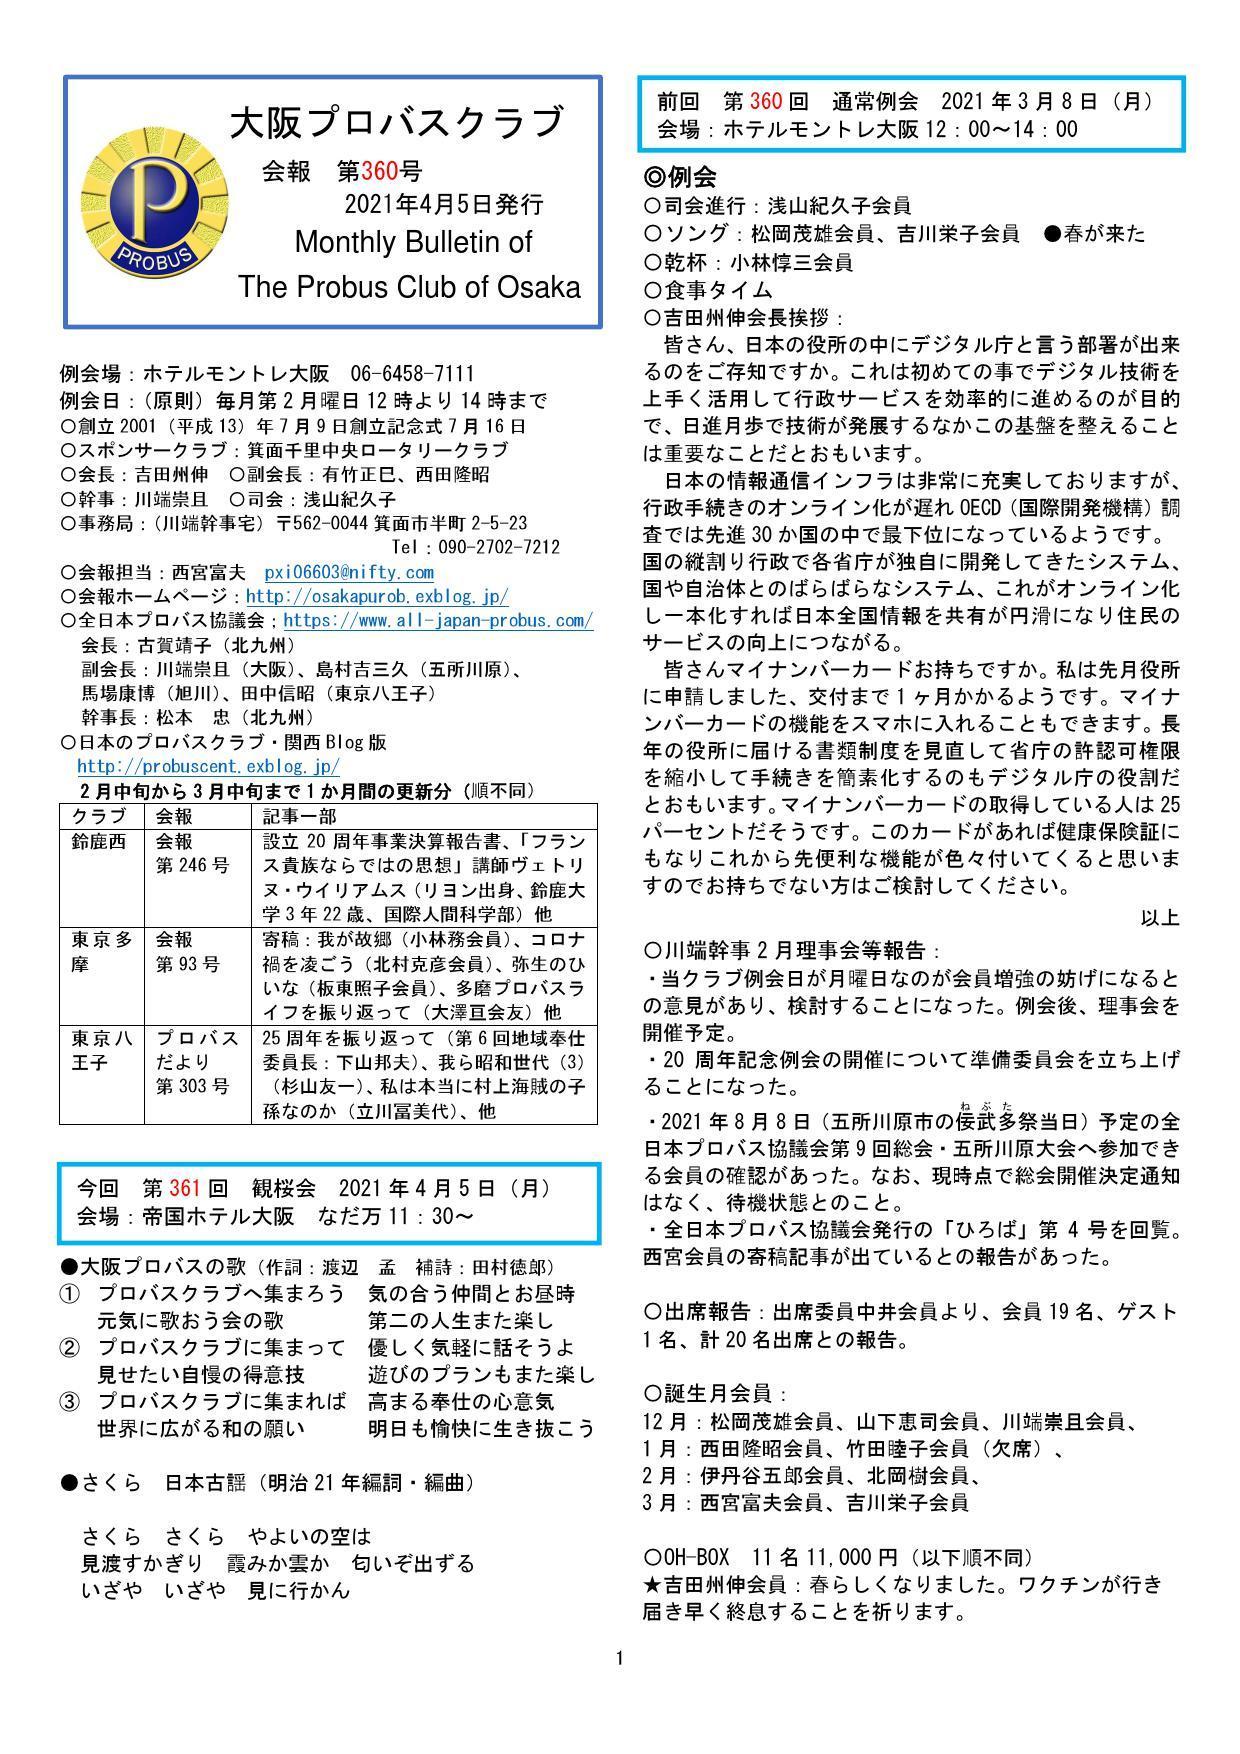 大阪プロバスクラブ 会報第360号 2021年4月5日_b0000714_15444010.jpg